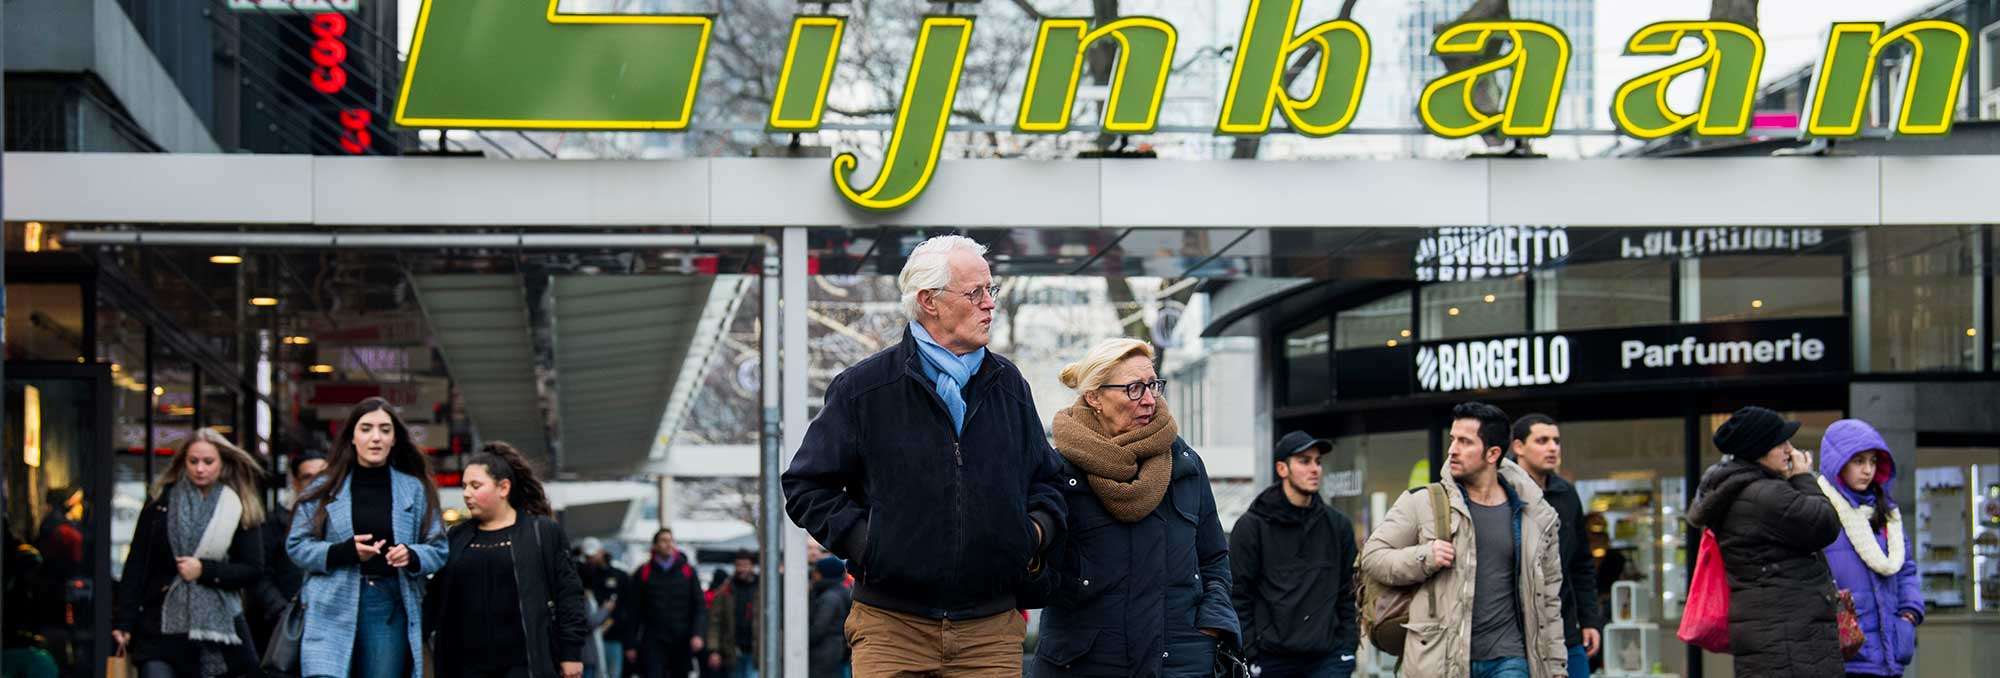 Ouder echtpaar en overige publiek lopend over de Lijnbaan in Rotterdam Centrum, op de pagina Contact van de website van UDSRotterdam